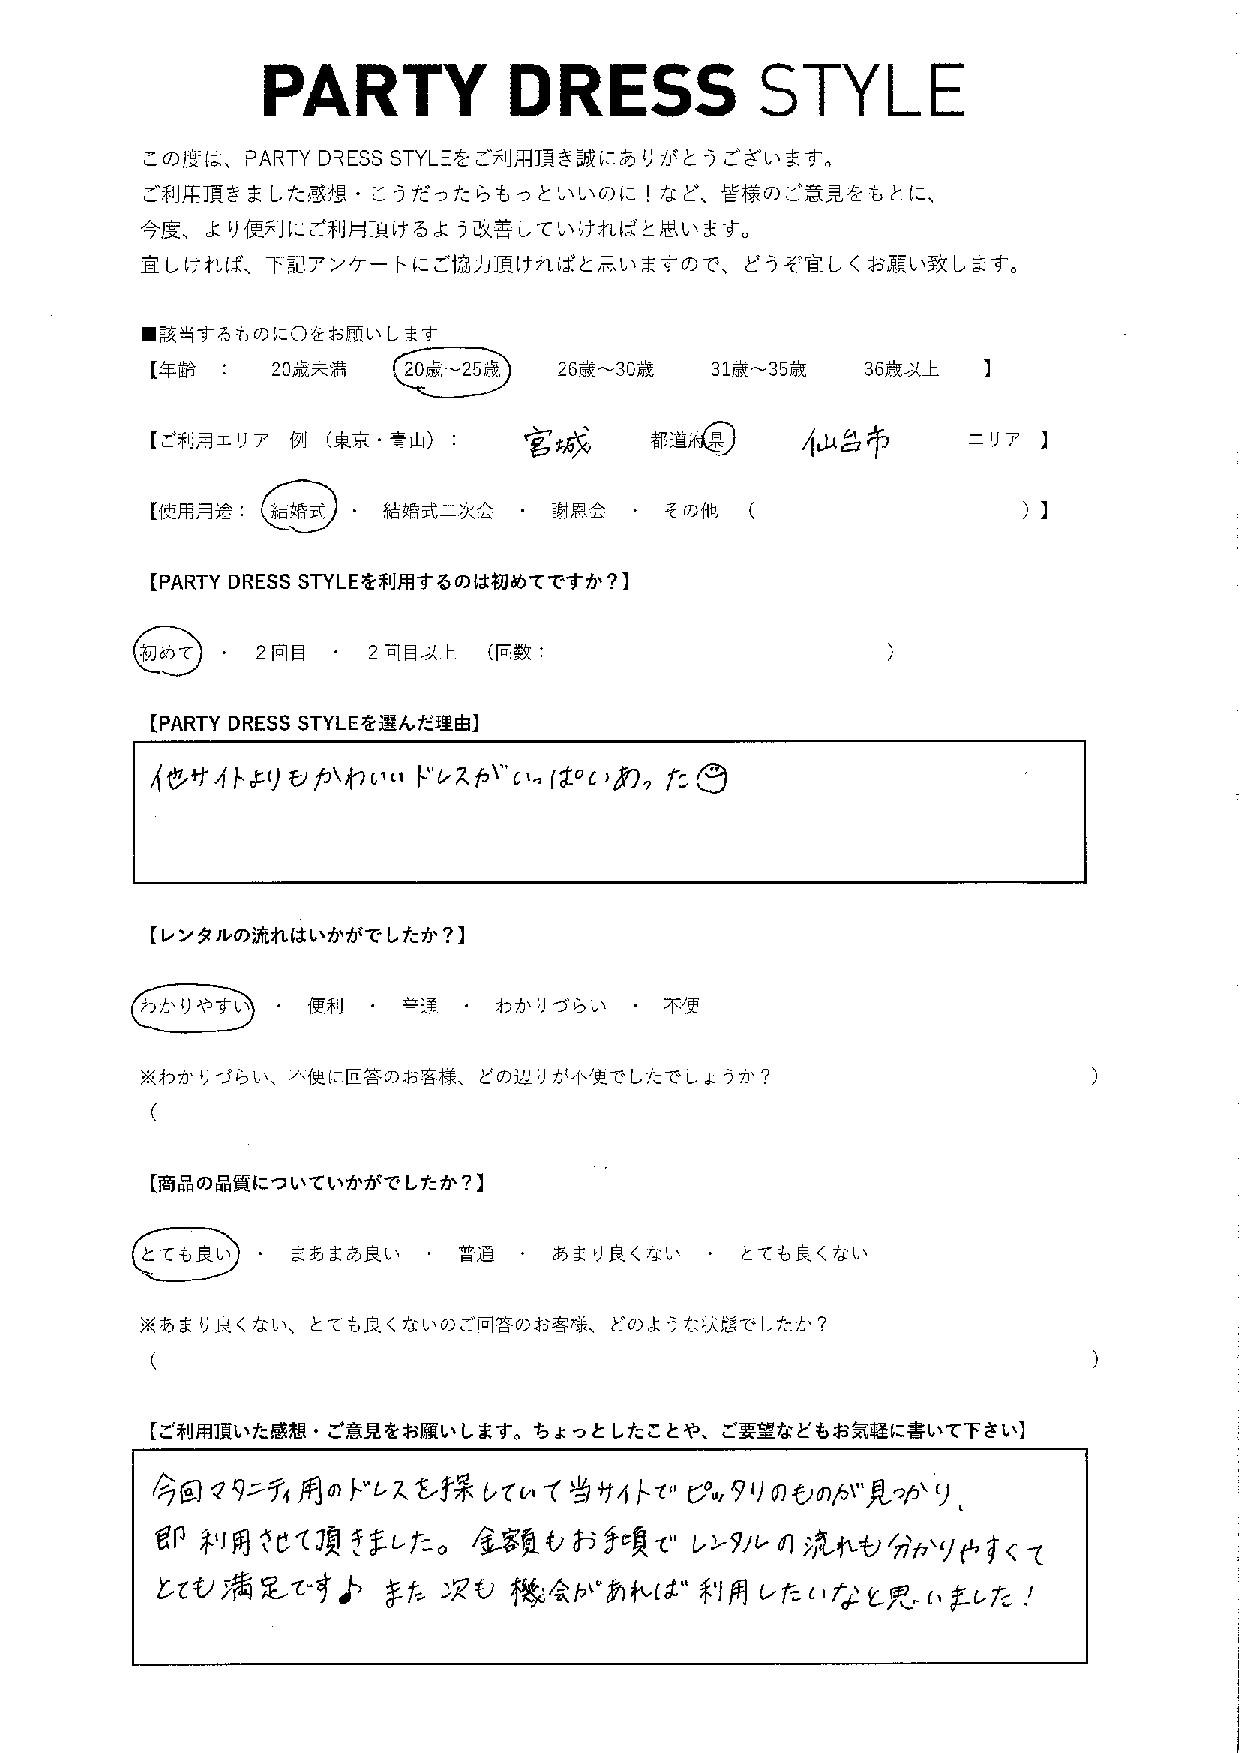 11/2結婚式ご利用 宮城・仙台エリア